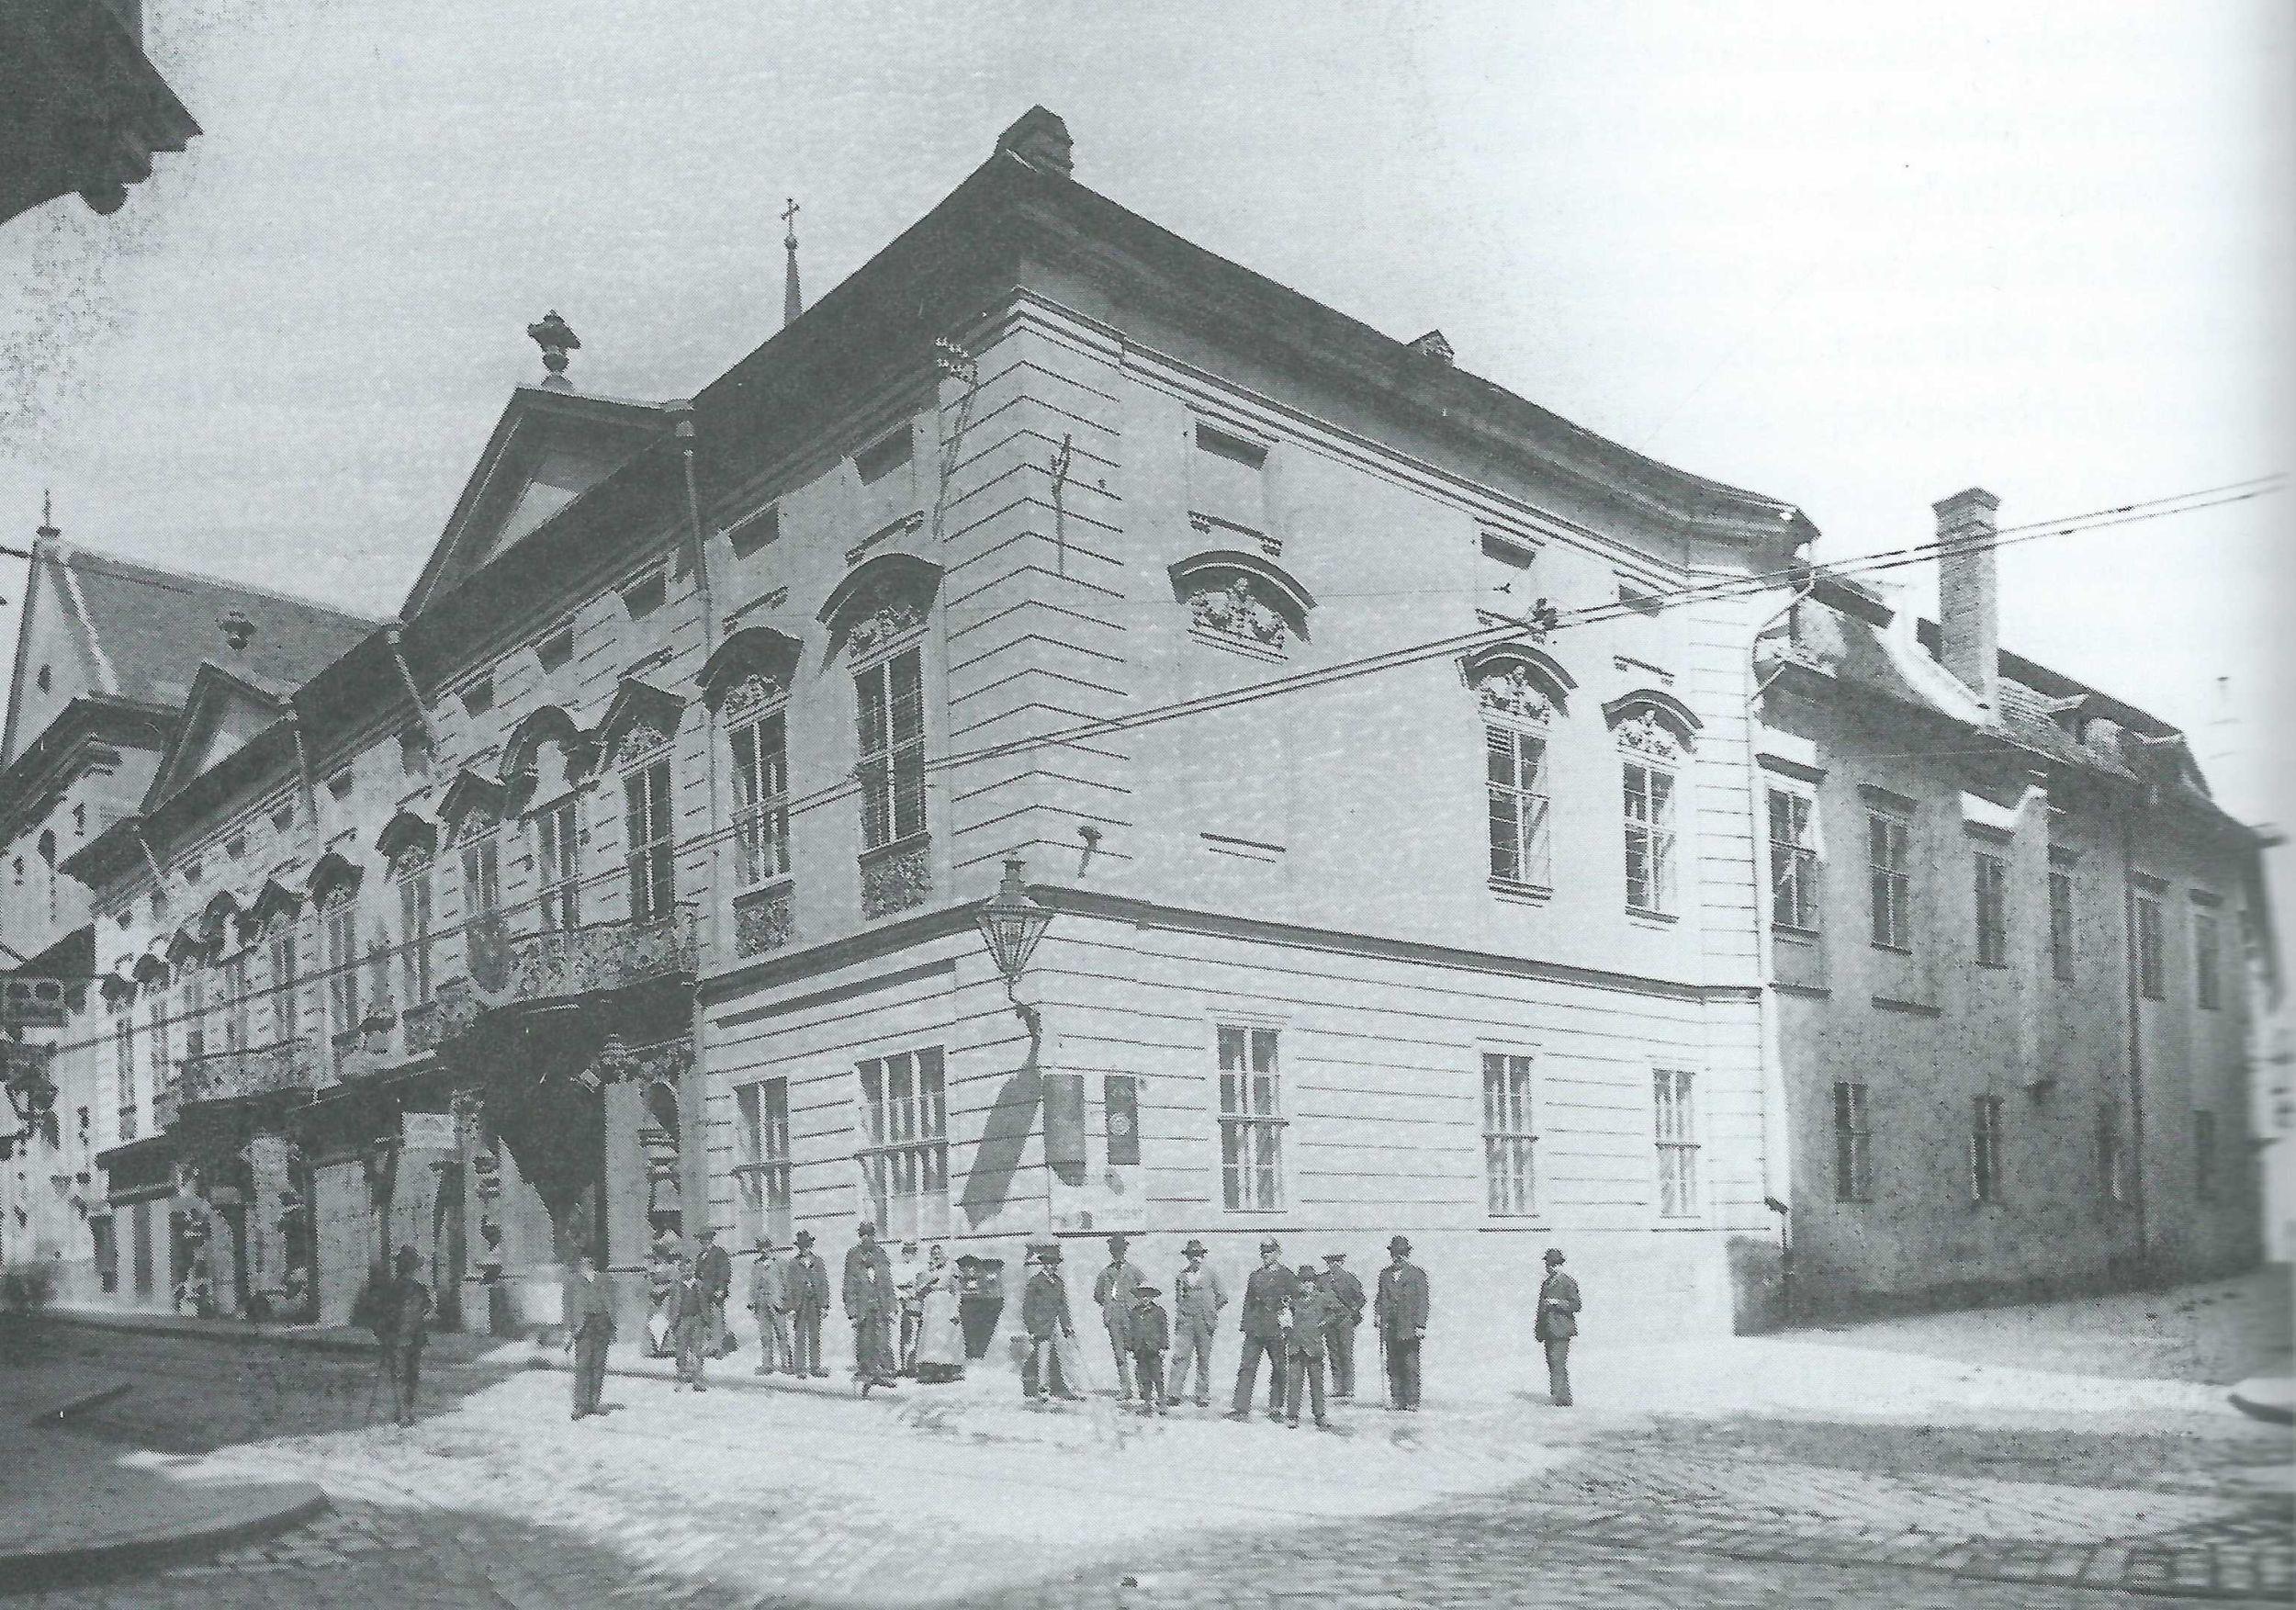 Palais Salm-Reifferscheidt